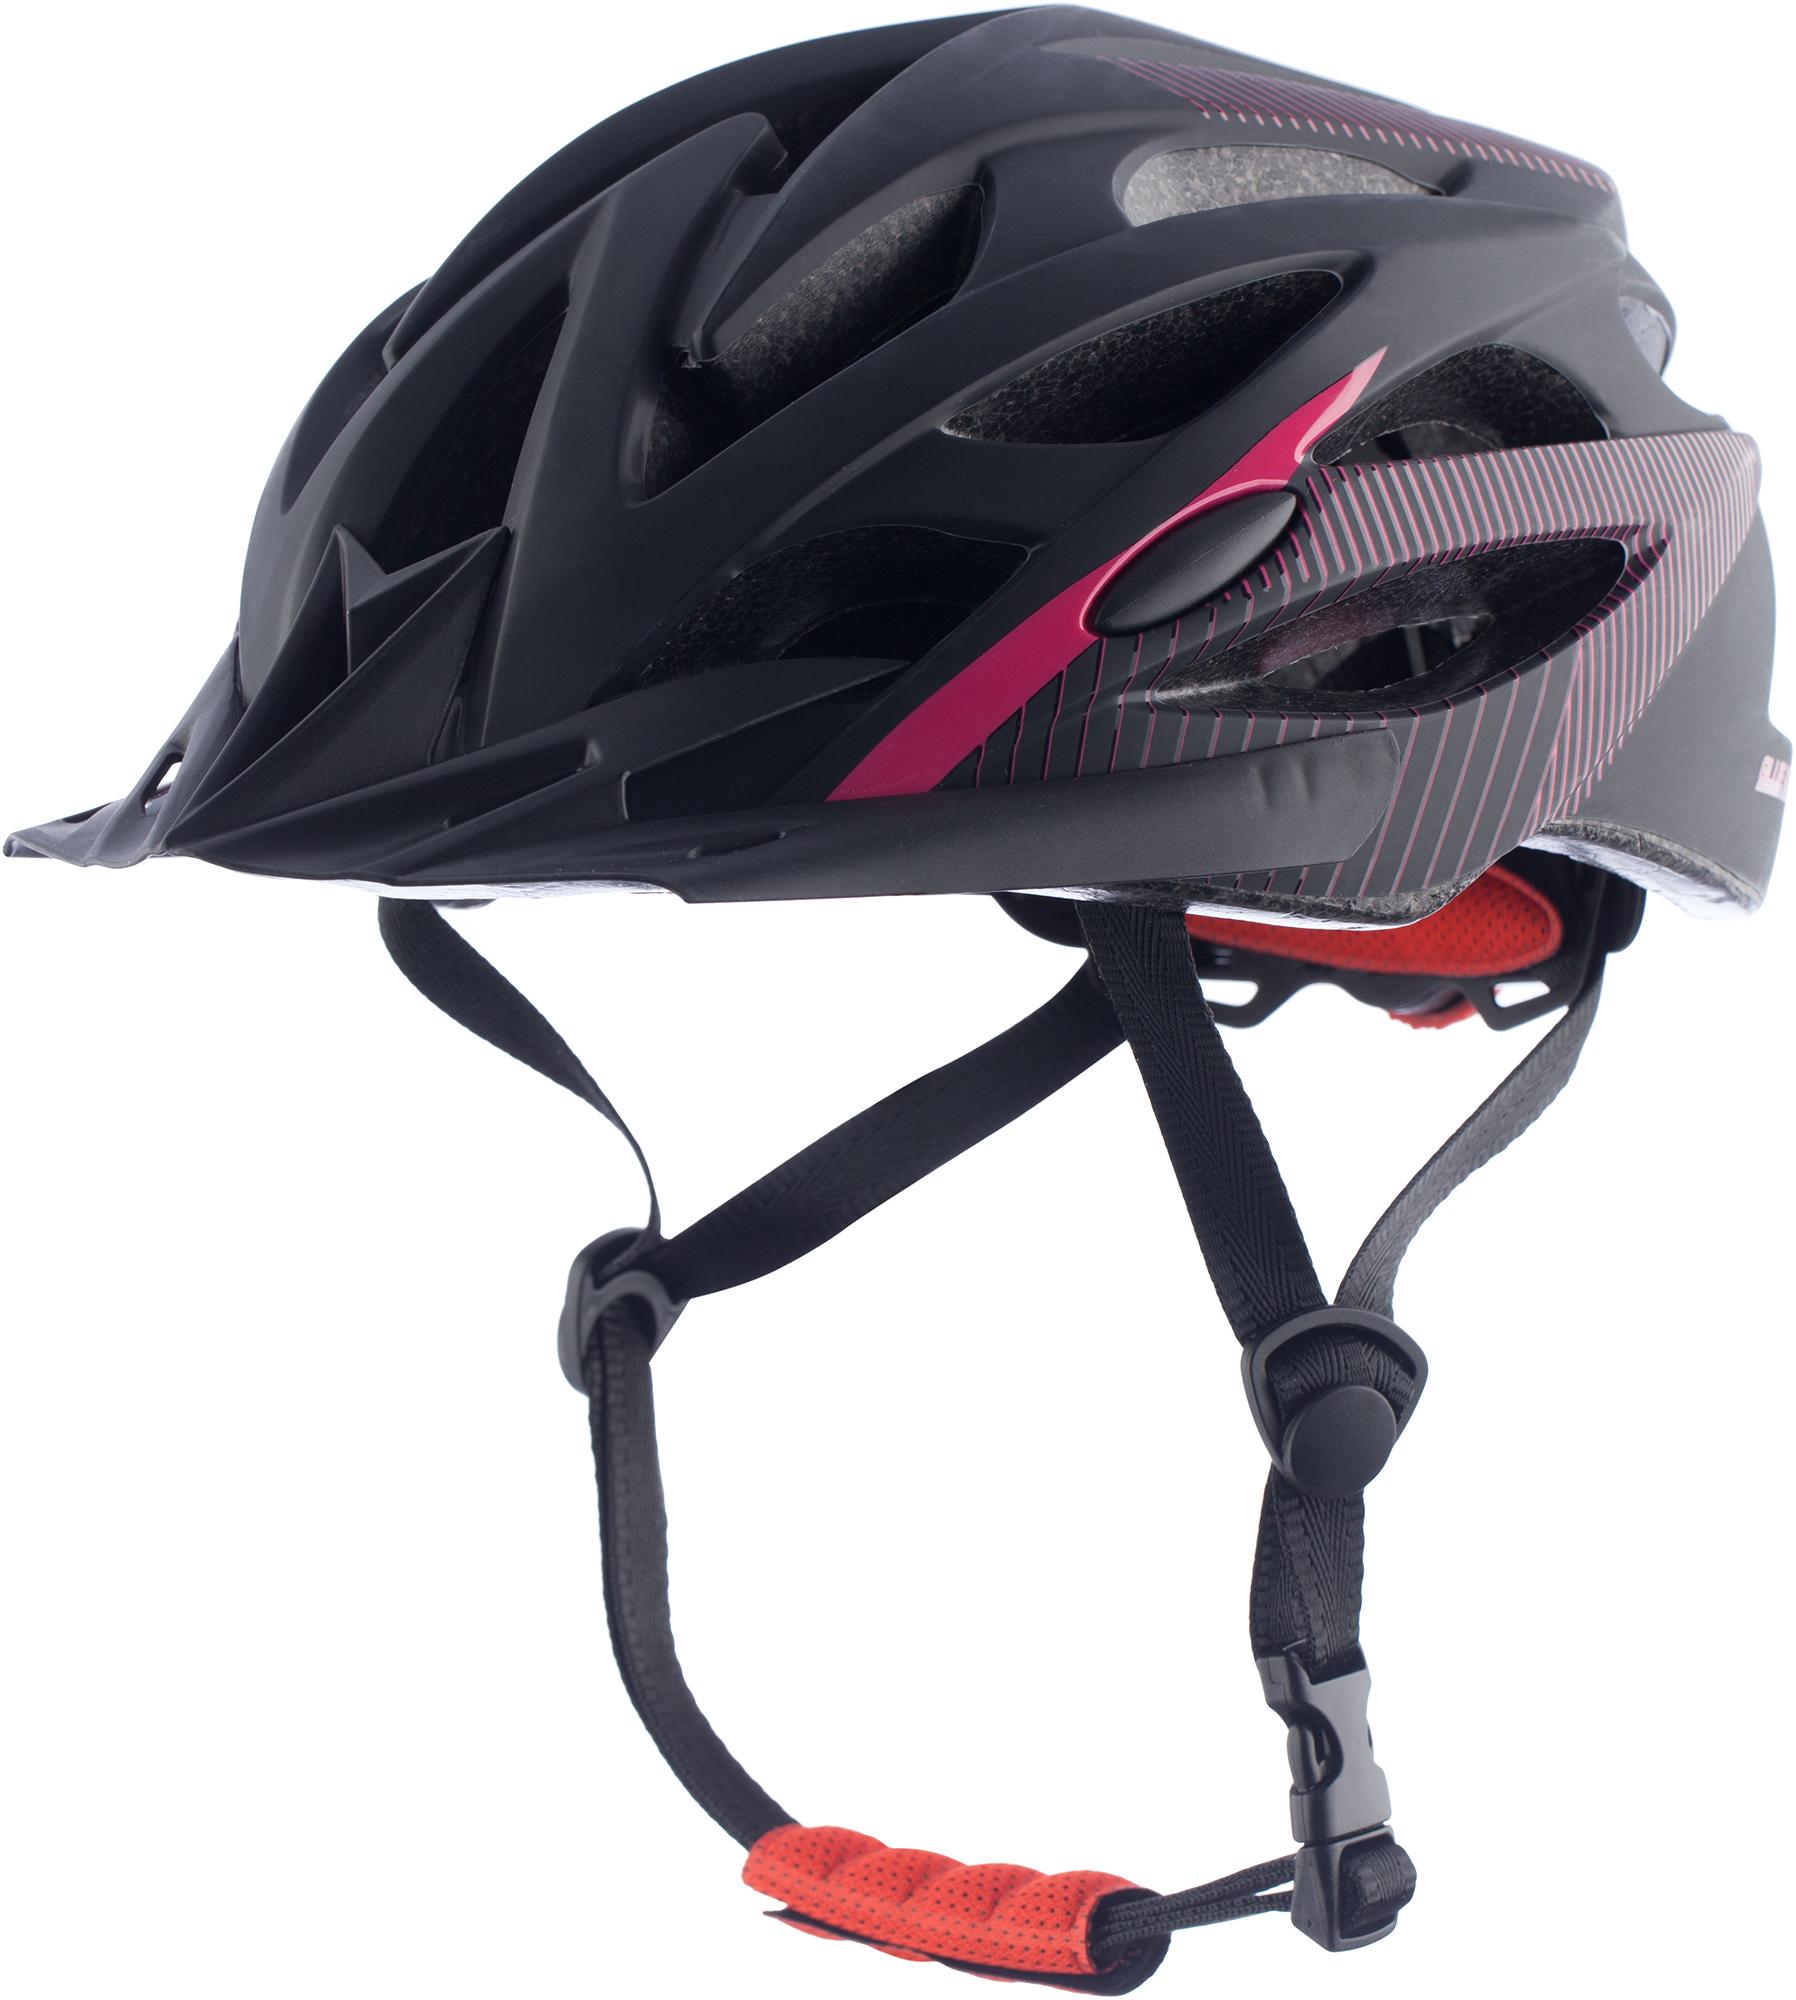 Stern Шлем велосипедный Stern